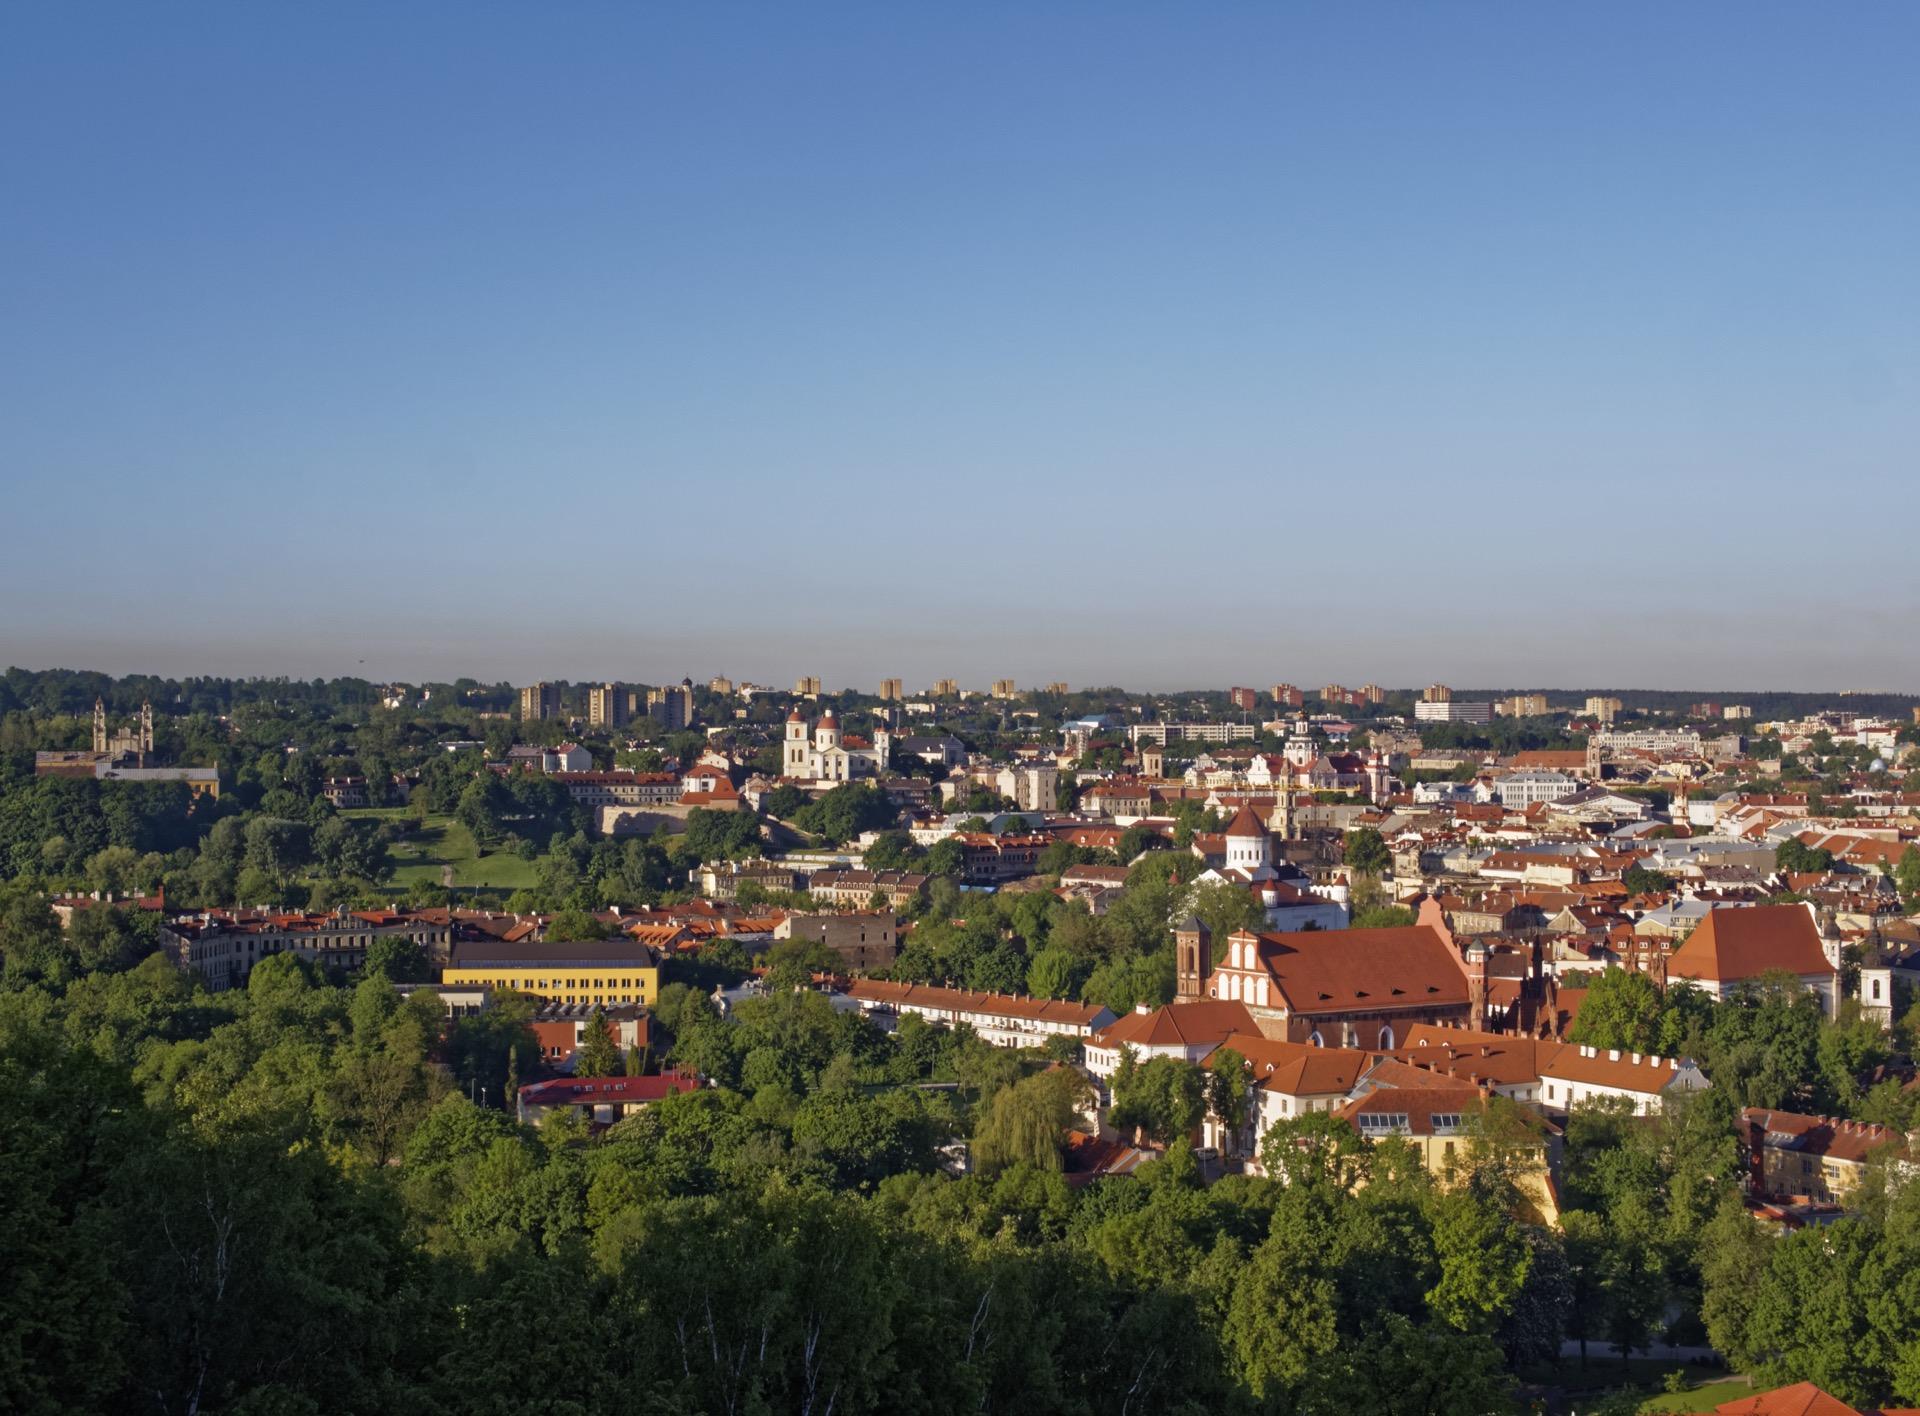 Bild: Ausschnitt aus dem Panoramafoto von Vilnius. Aufgenommen vom Berg der Drei Kreuze.